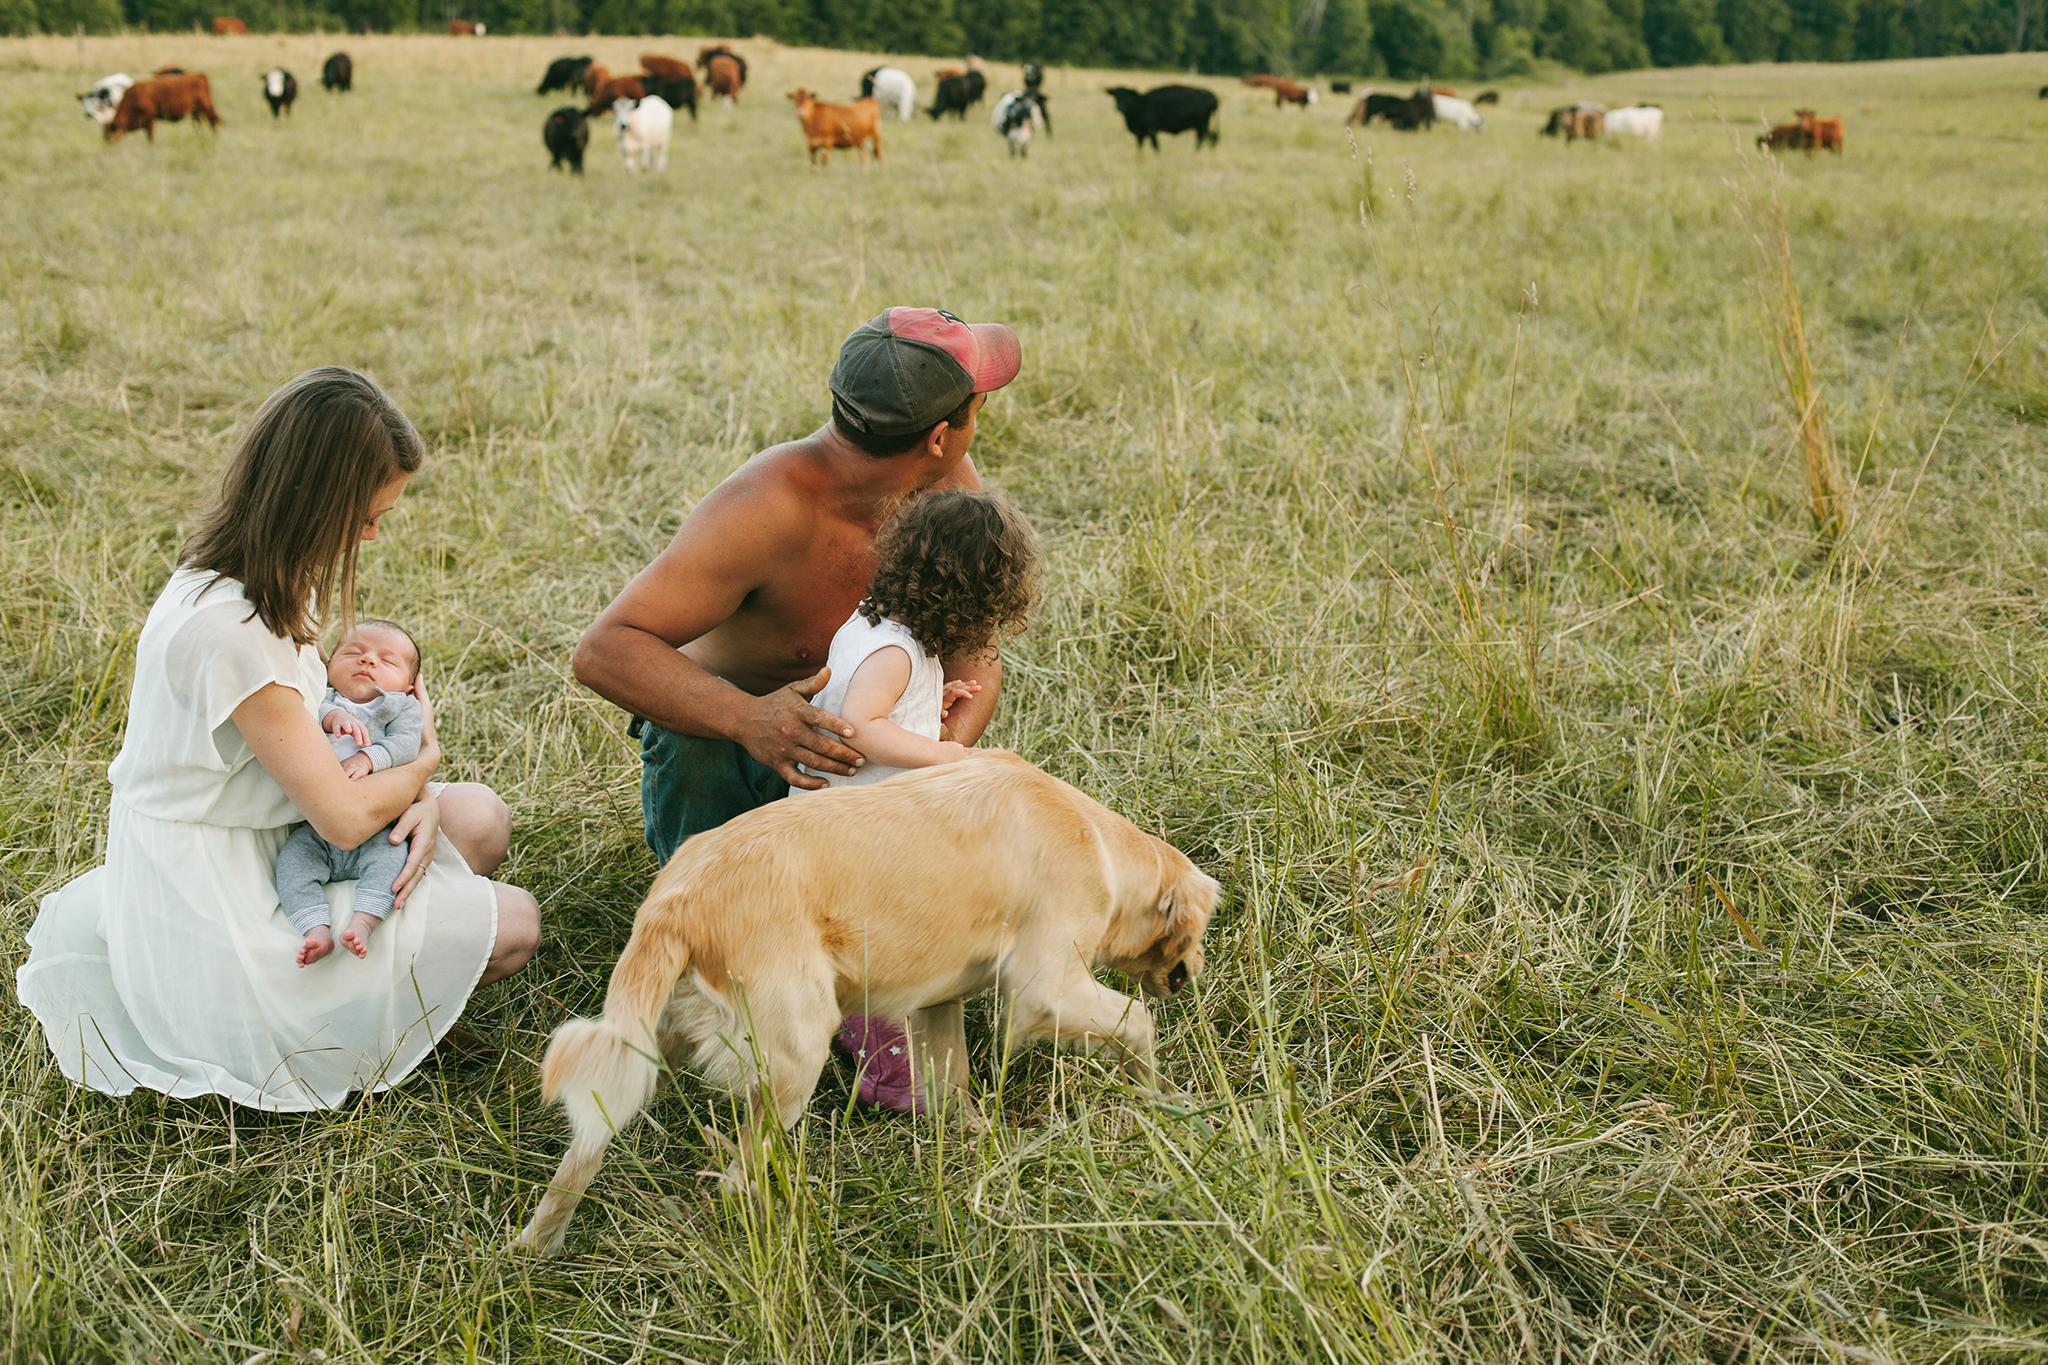 vt farming family in cow field web.jpg